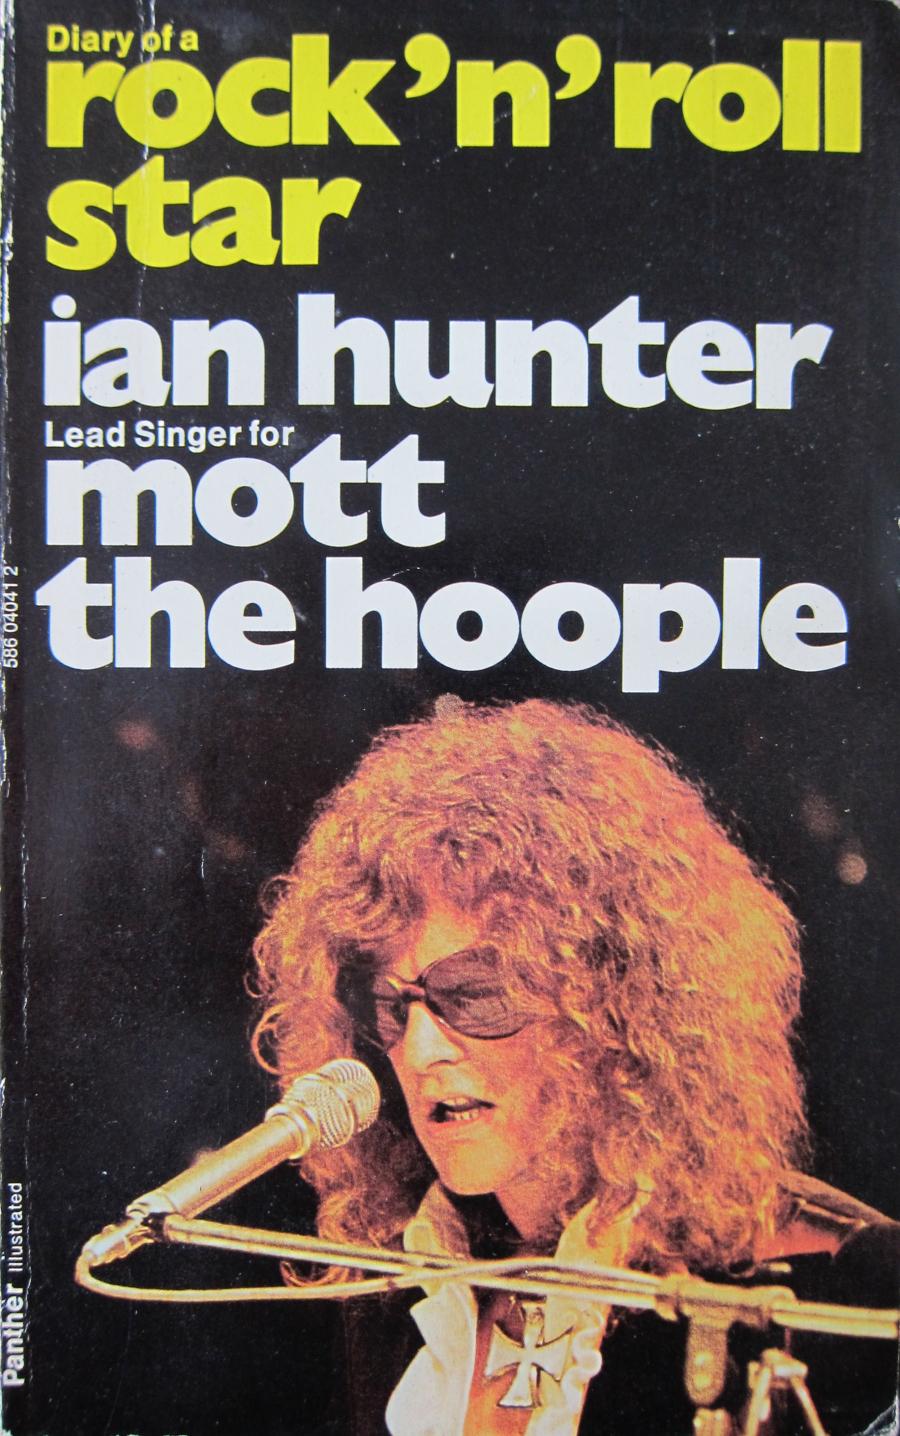 Diário de Ian Hunter, do Mott The Hoople, volta às livrarias